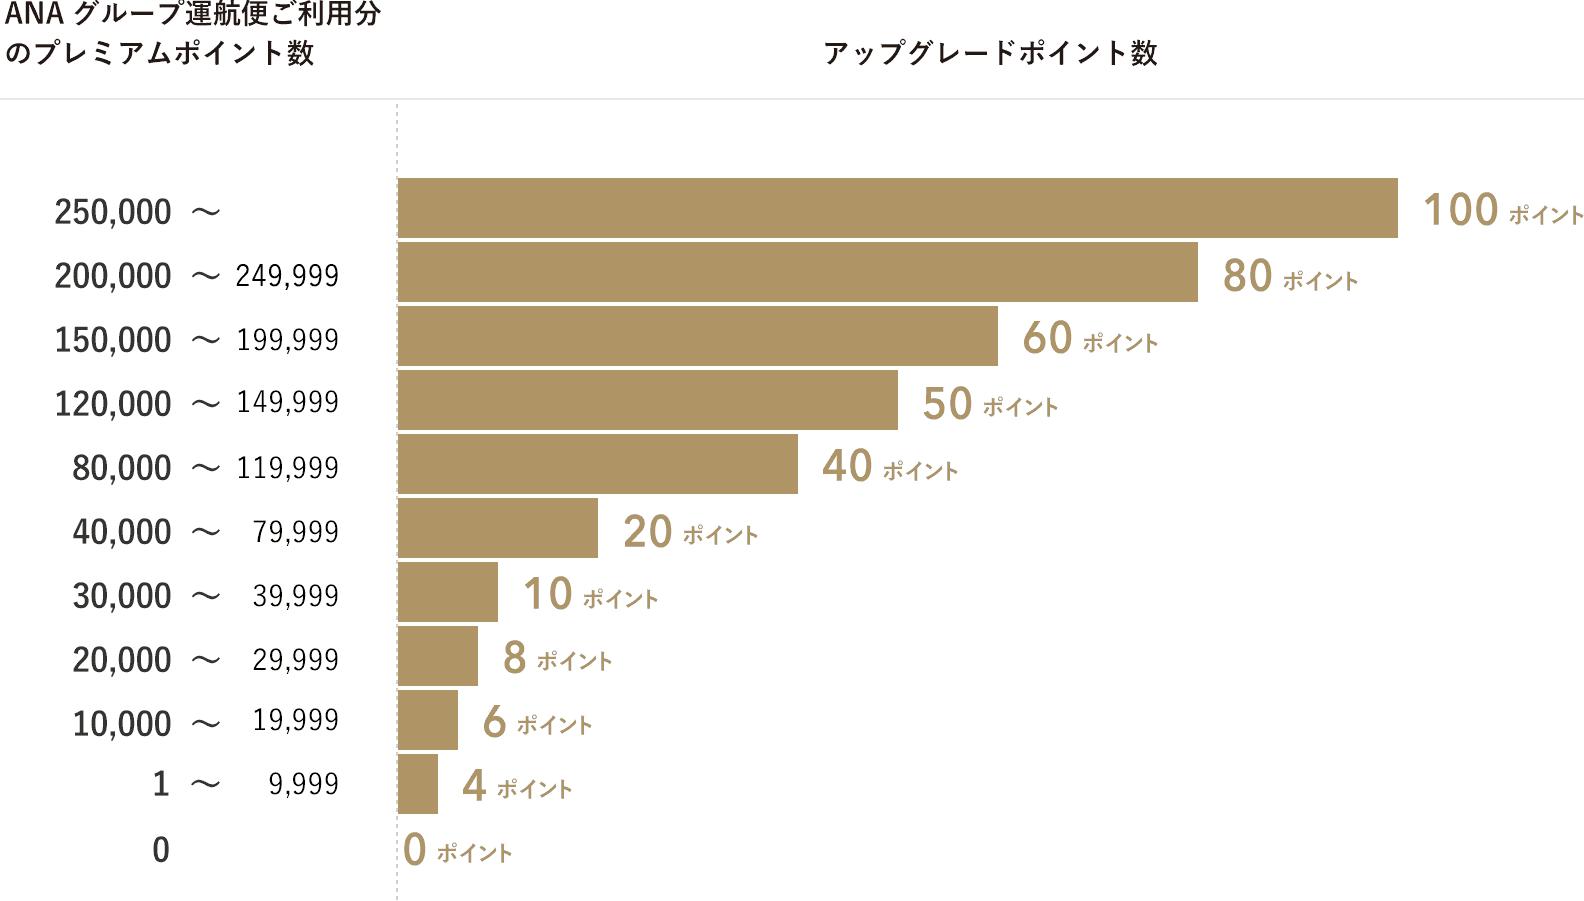 アップグレードポイント付与数チャート